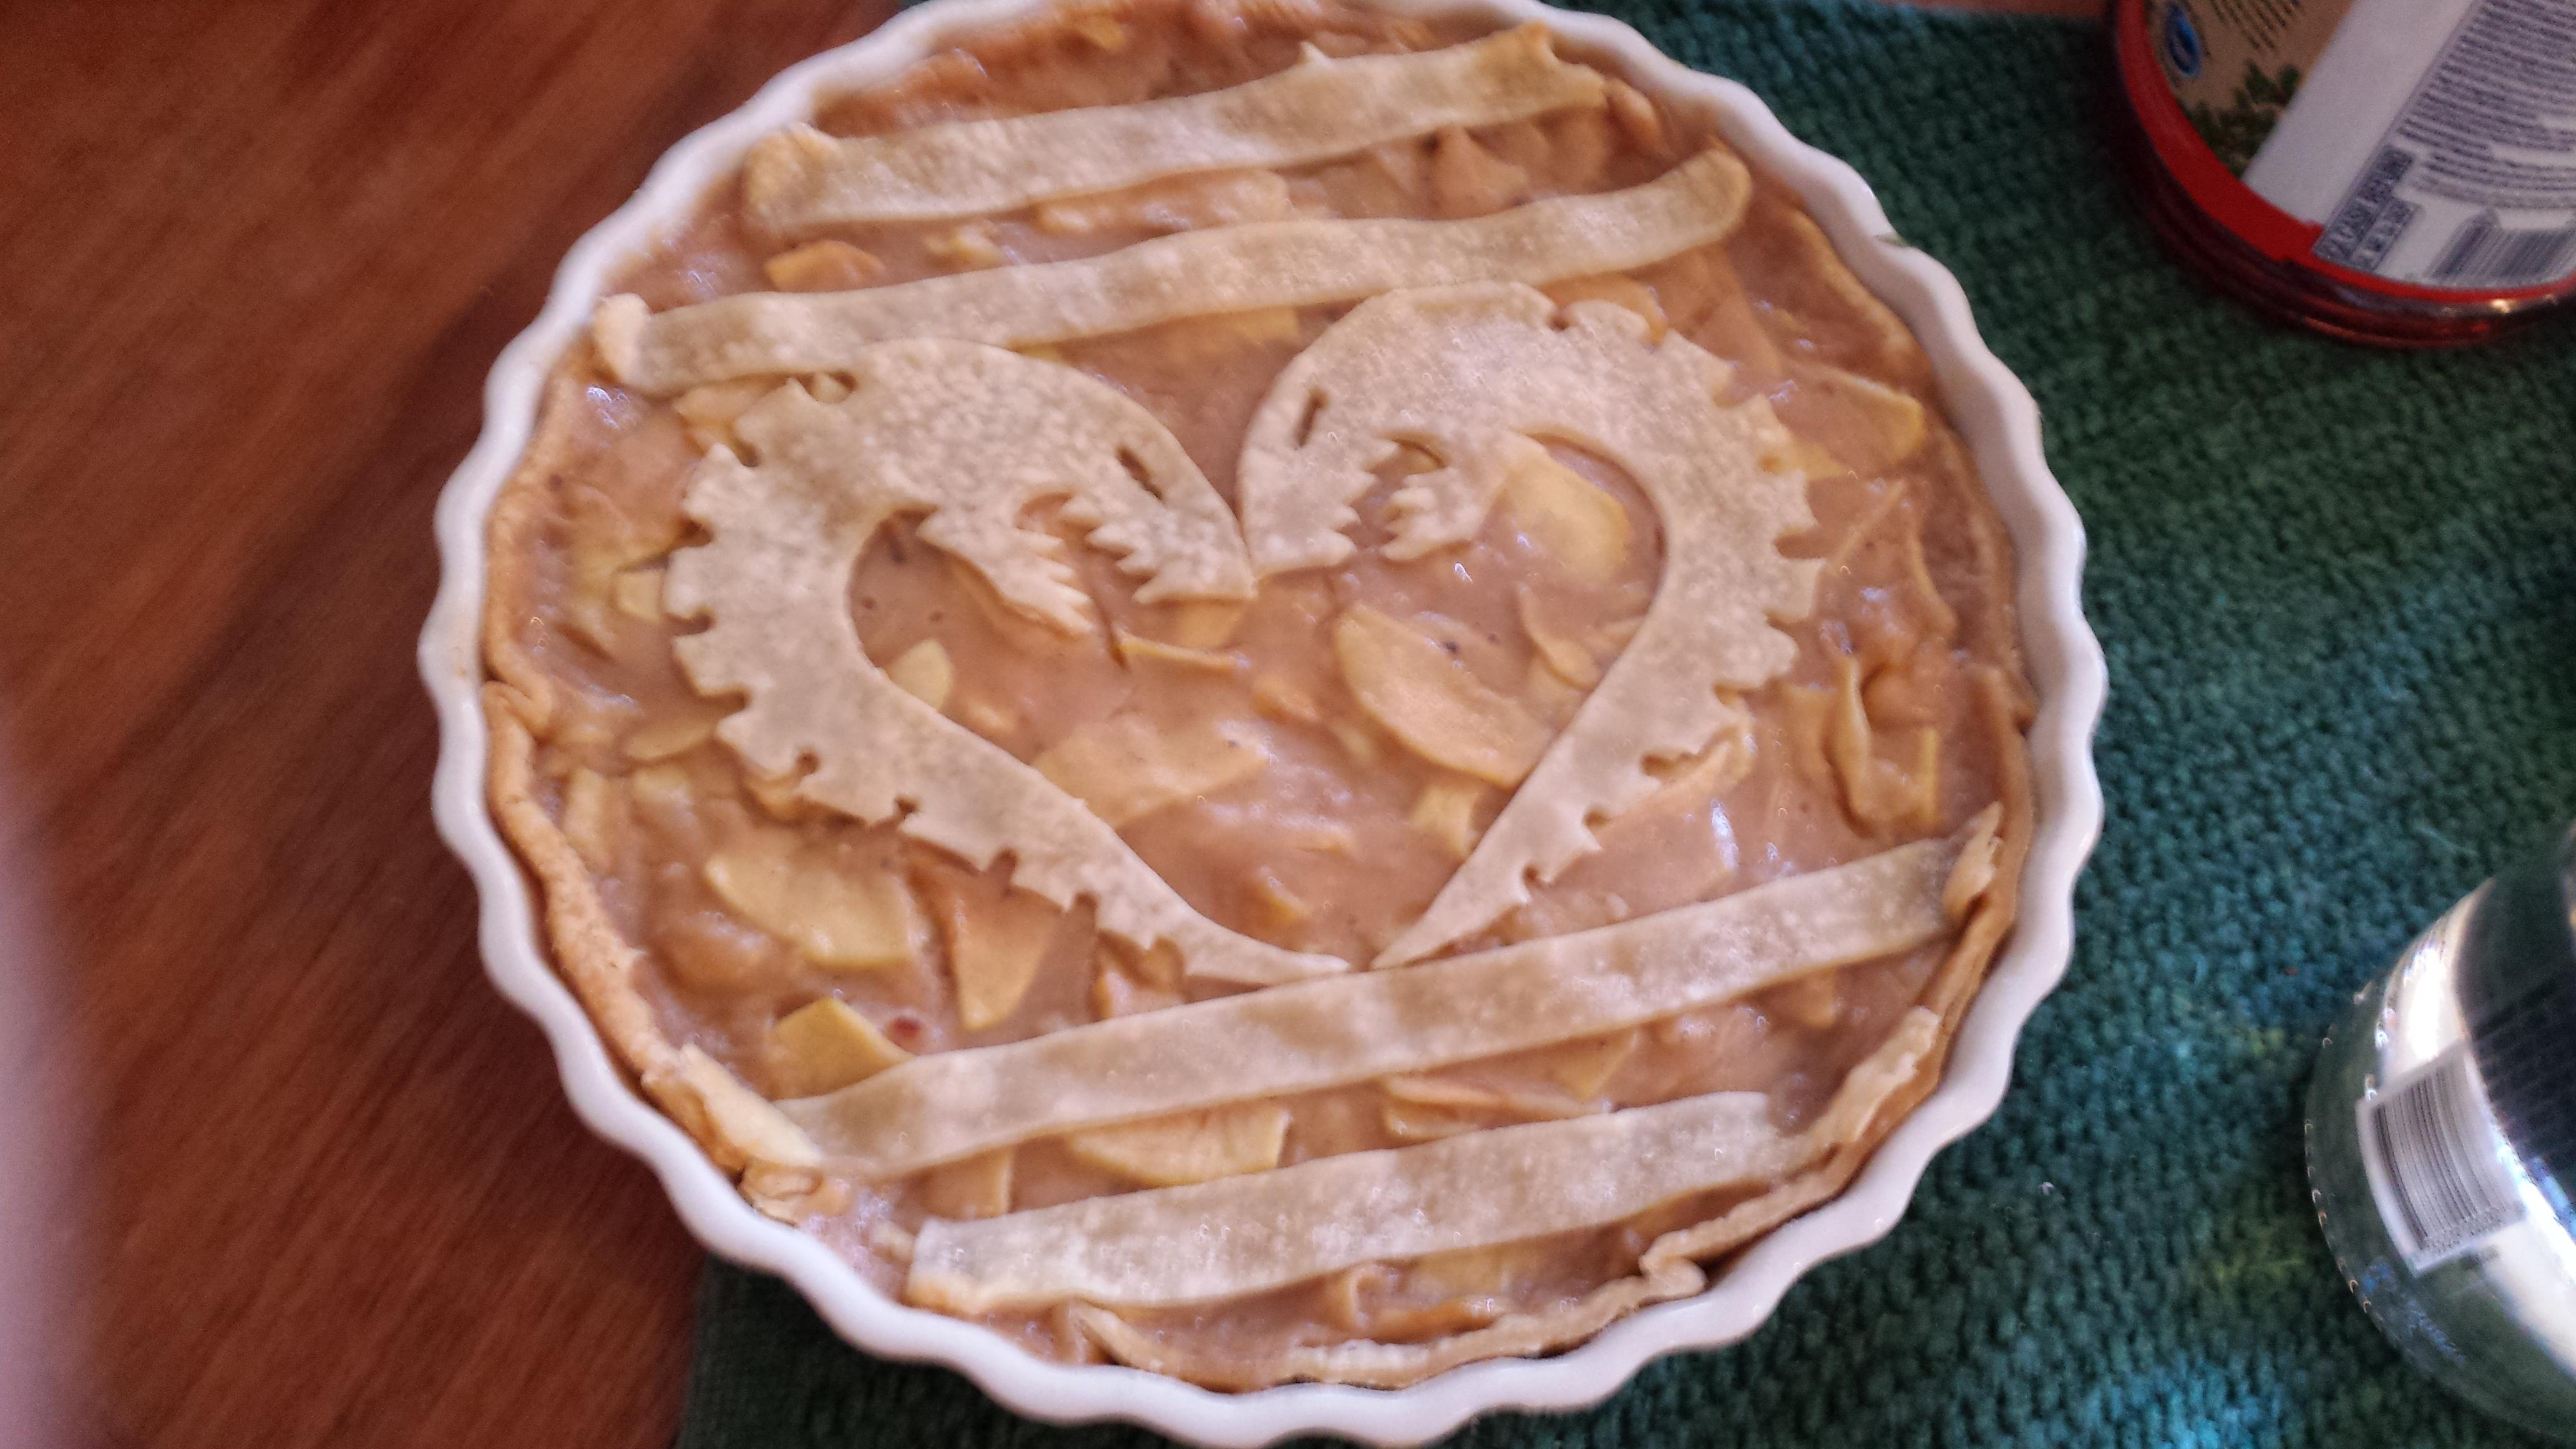 Pie, Tyranid pie